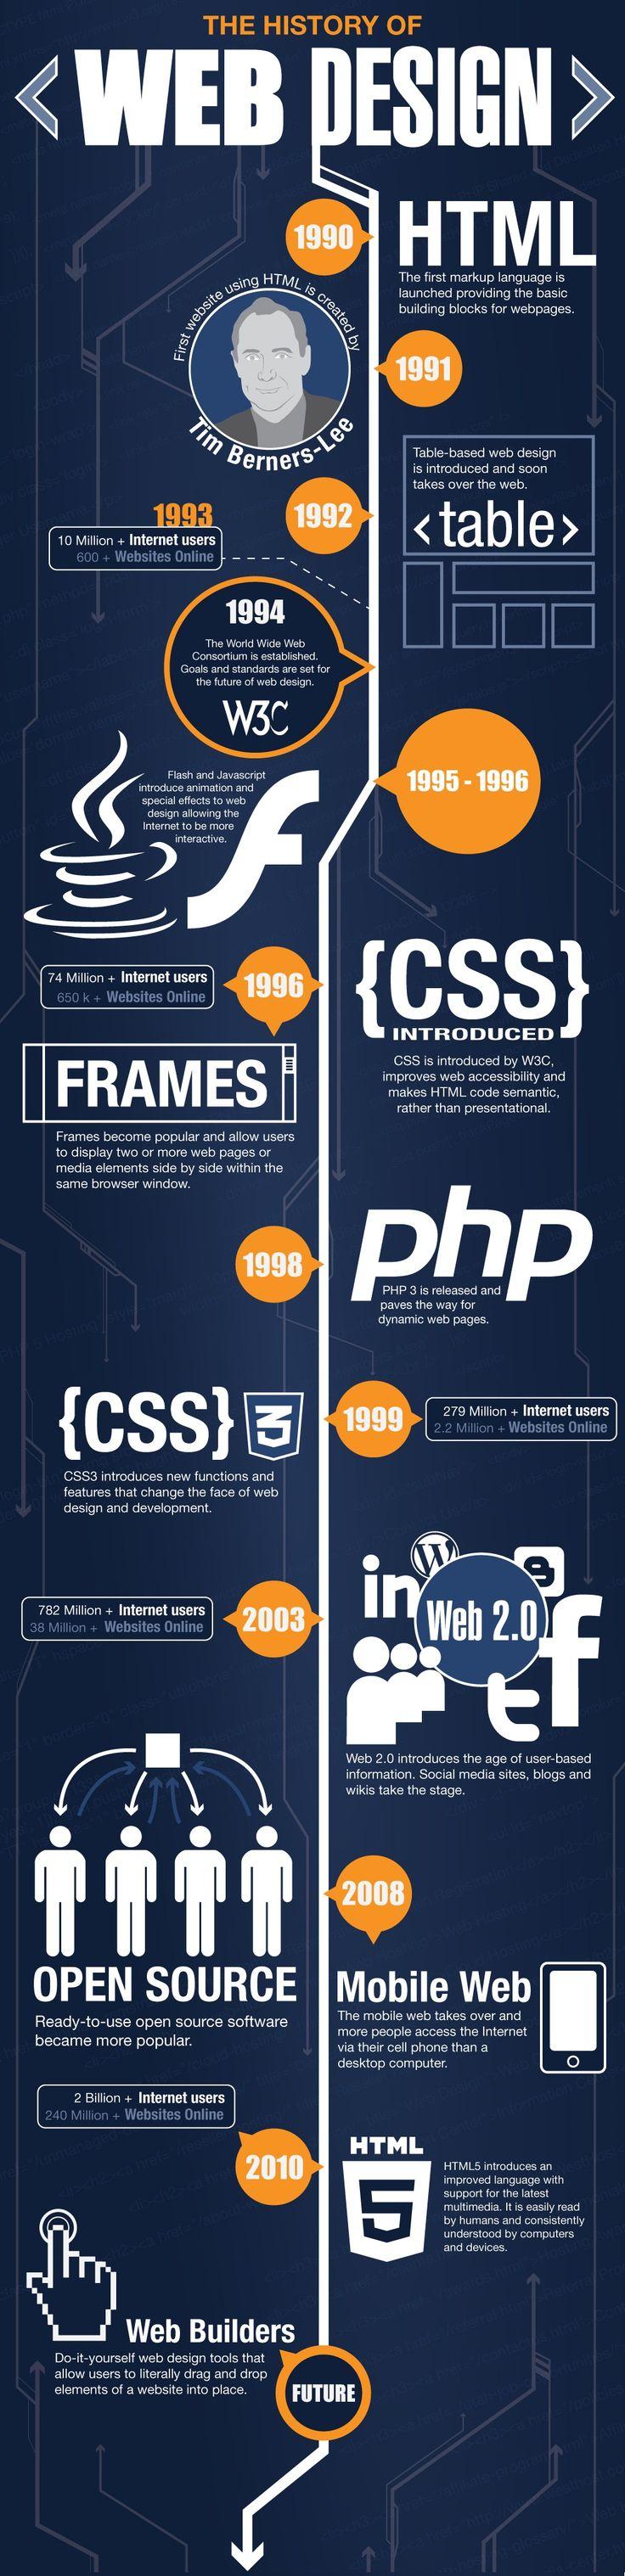 Dies ist auch der Grund, warum Web Entwickler jetzt stärker auf die Erstellung App -ähnlichen Designs bauen. Diese sollen eine reibungslose Benutzererfahrung ermöglichen.  Hier weitere Tipps von einem Profi auf dem Gebiet: Webdesign Basel.  http://www.foxcomputers.ch/webdesign-basel/